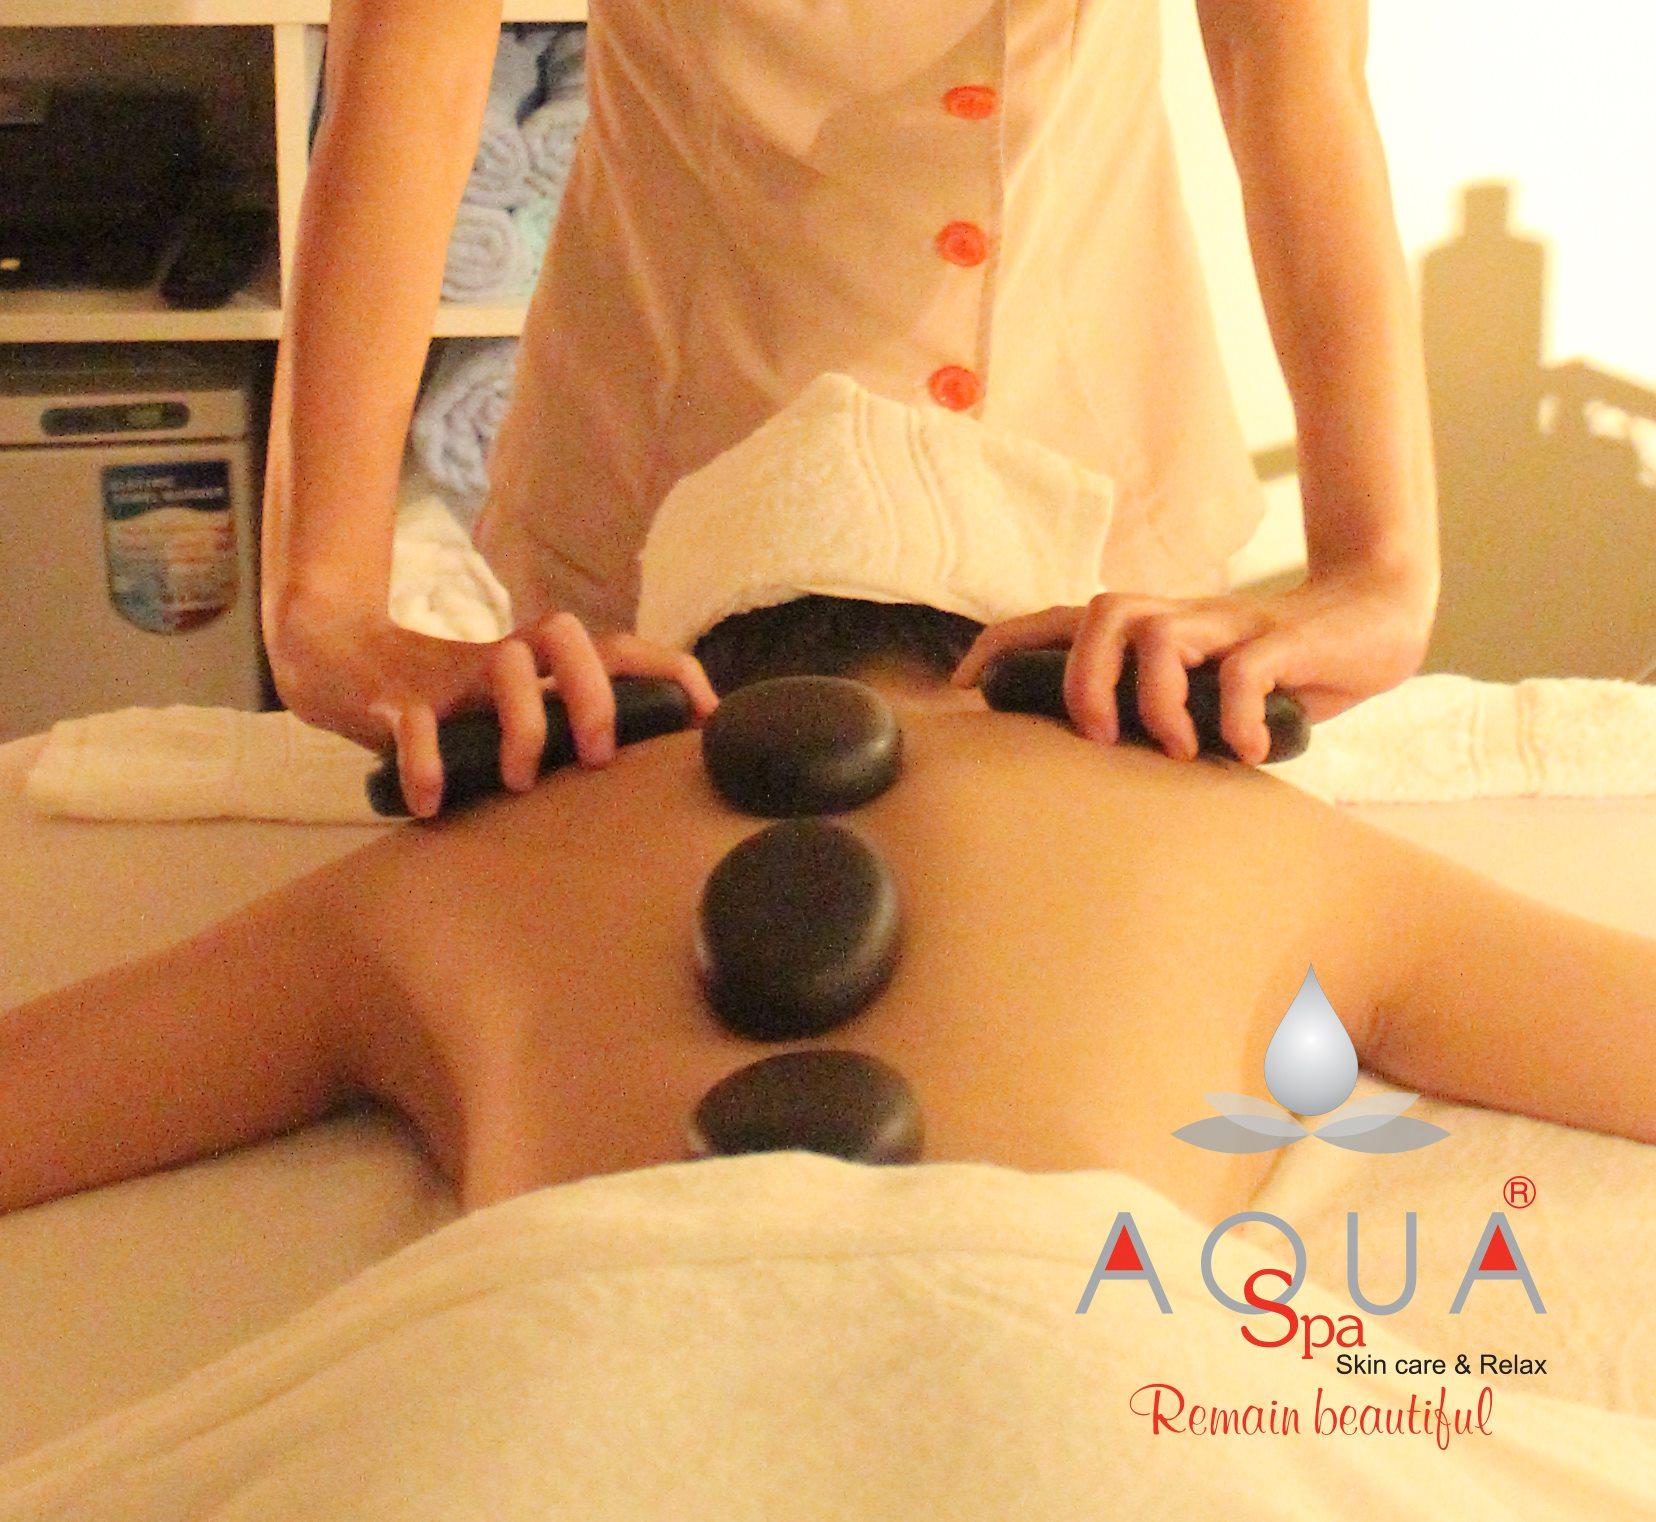 Aqua Spa 1